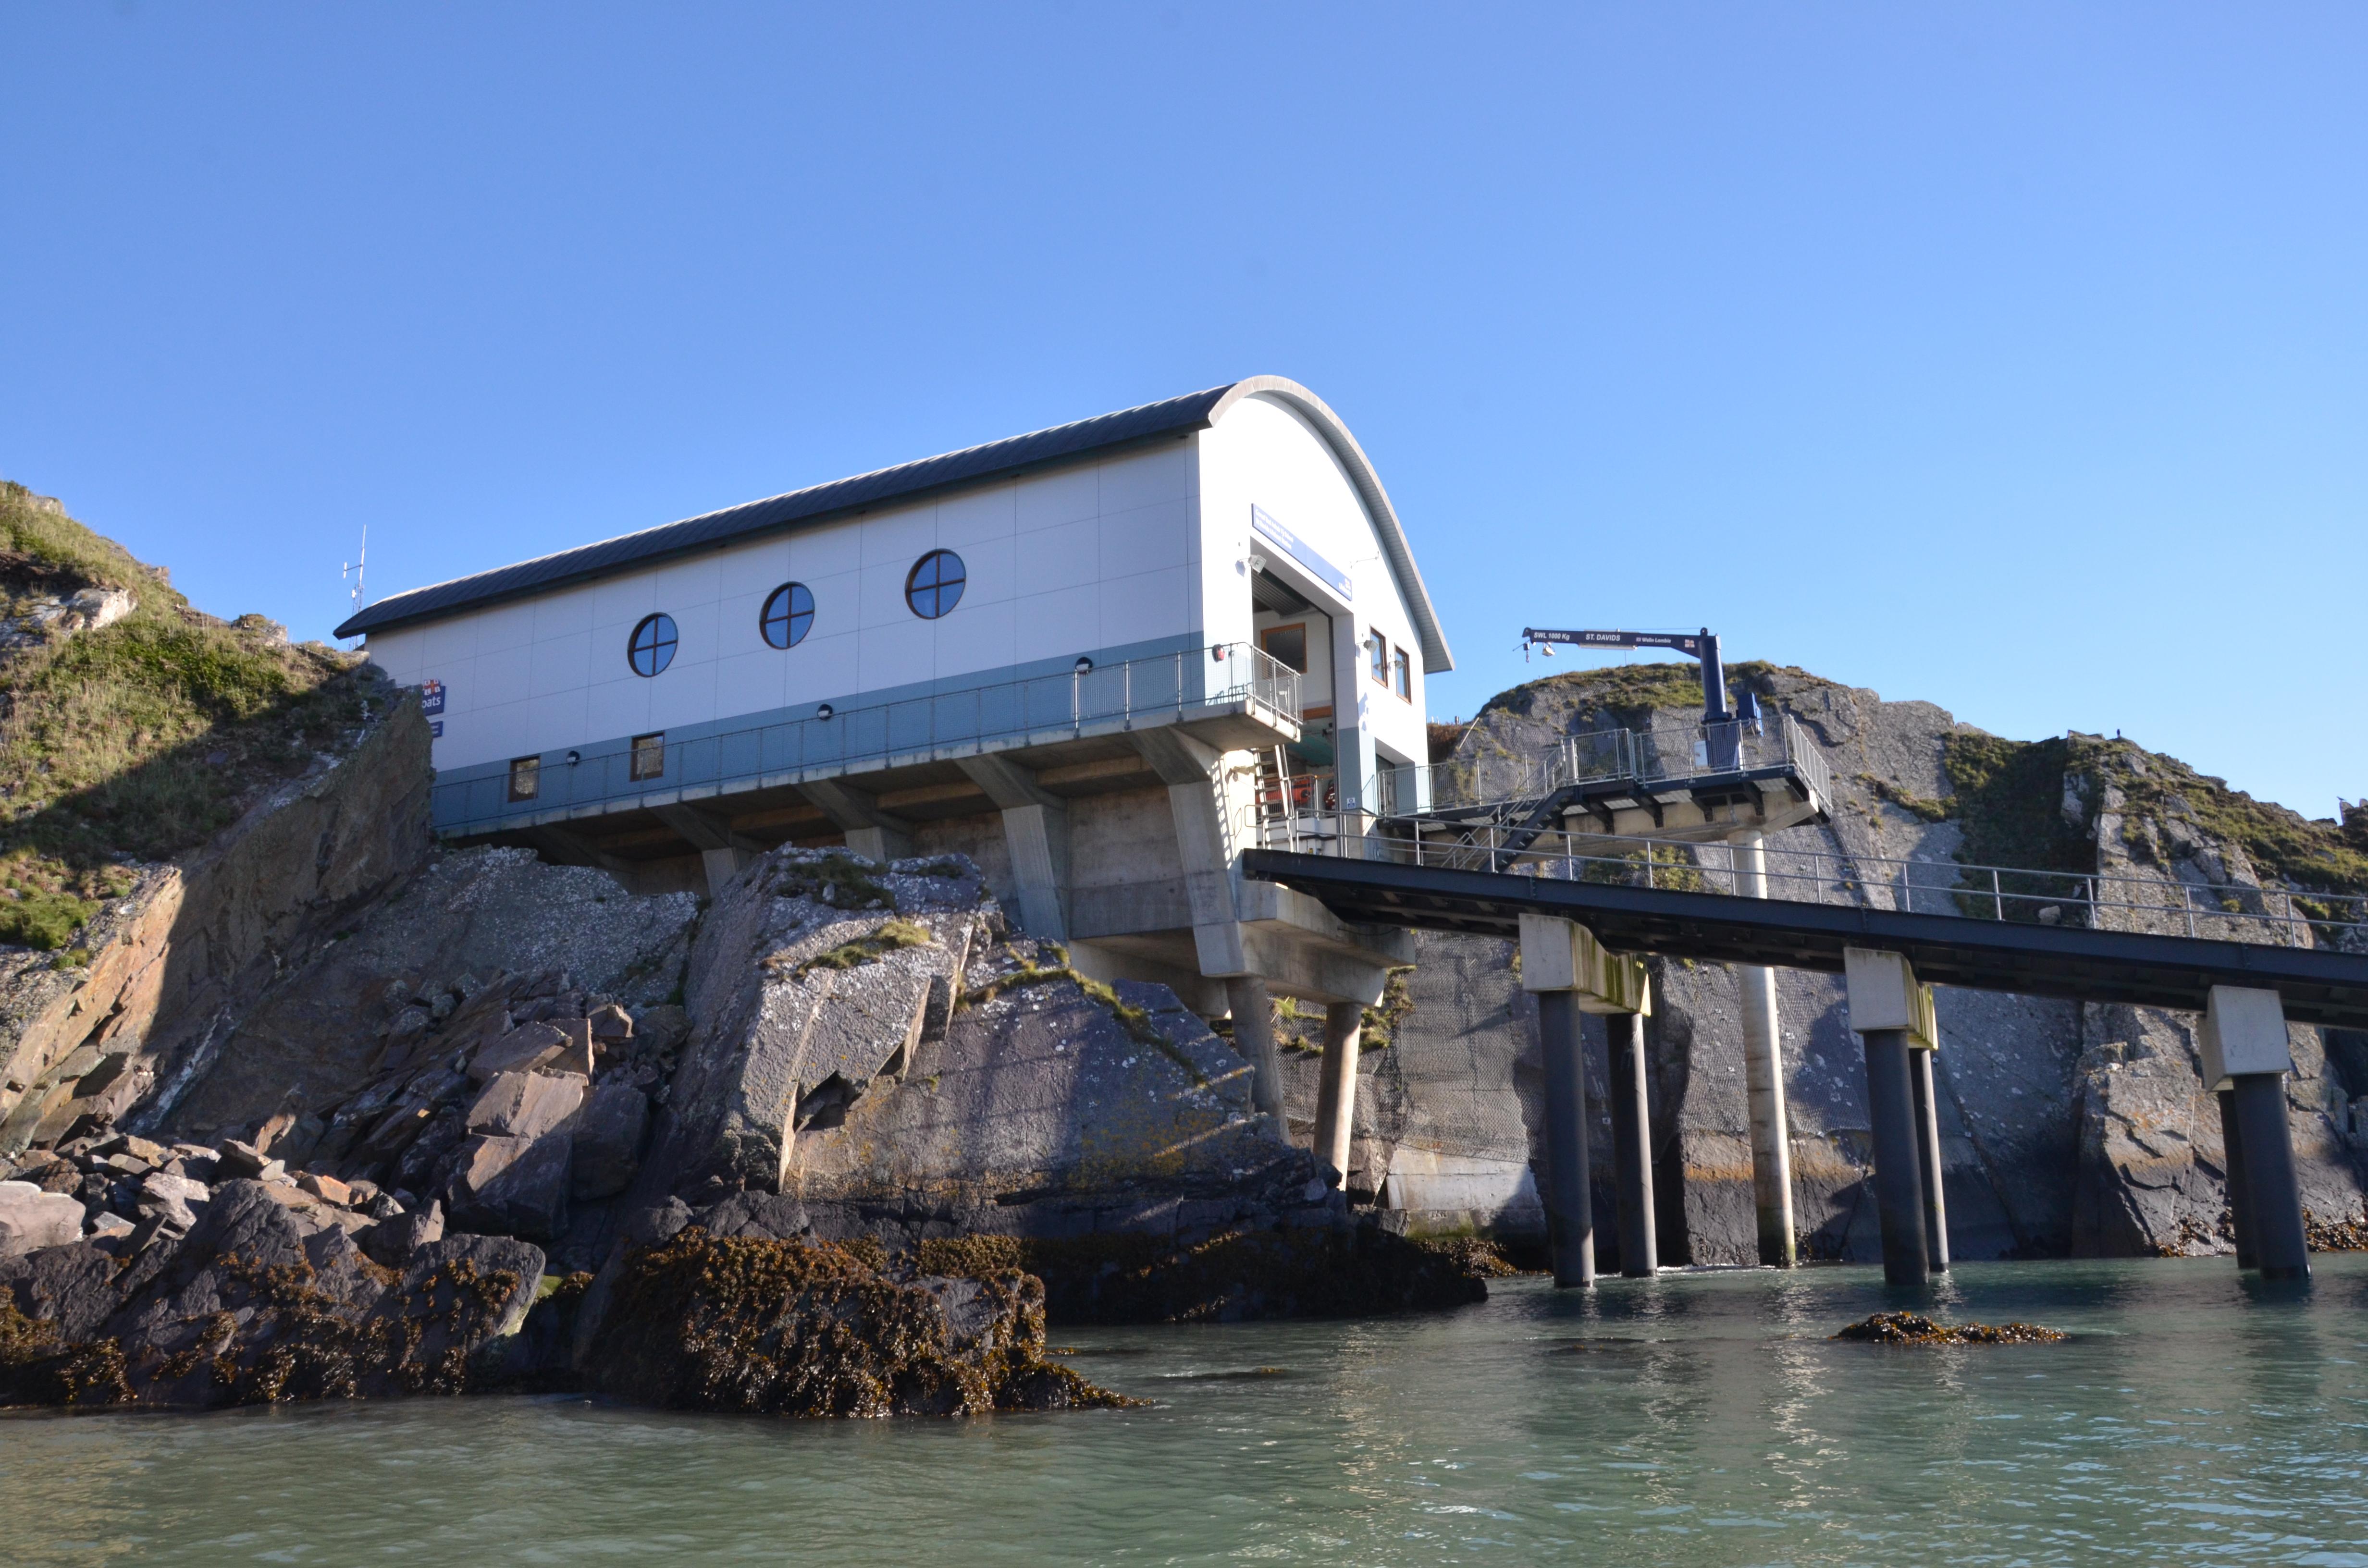 St Justians Life Boat Station near St. Davids